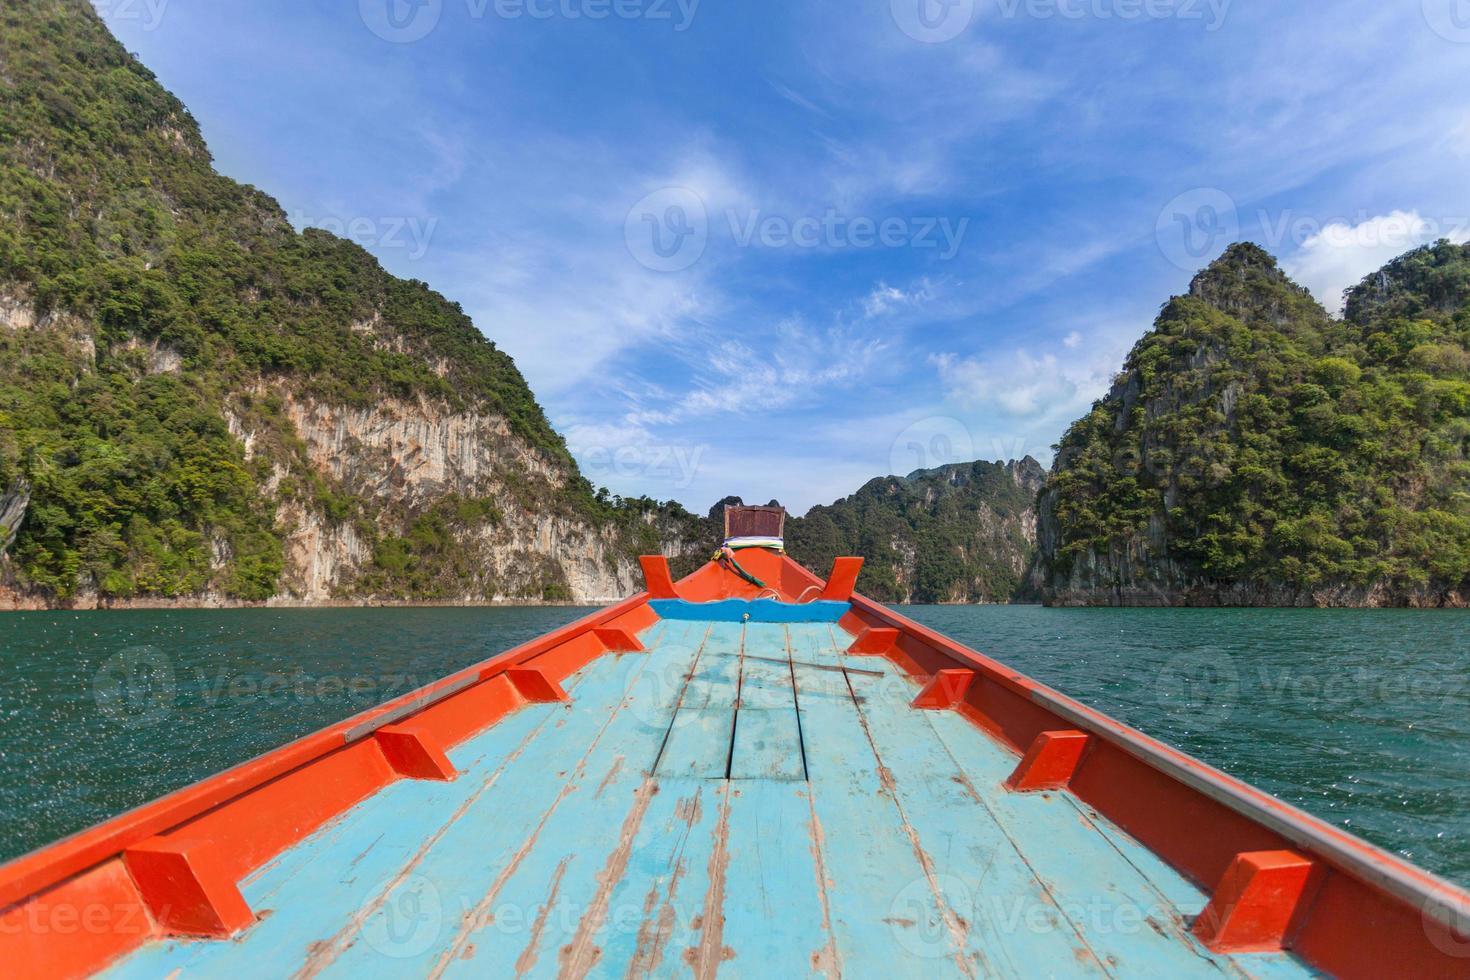 Petits bateaux dans le barrage de Ratchapapha, province de Surat Thani, Thaïlande. photo